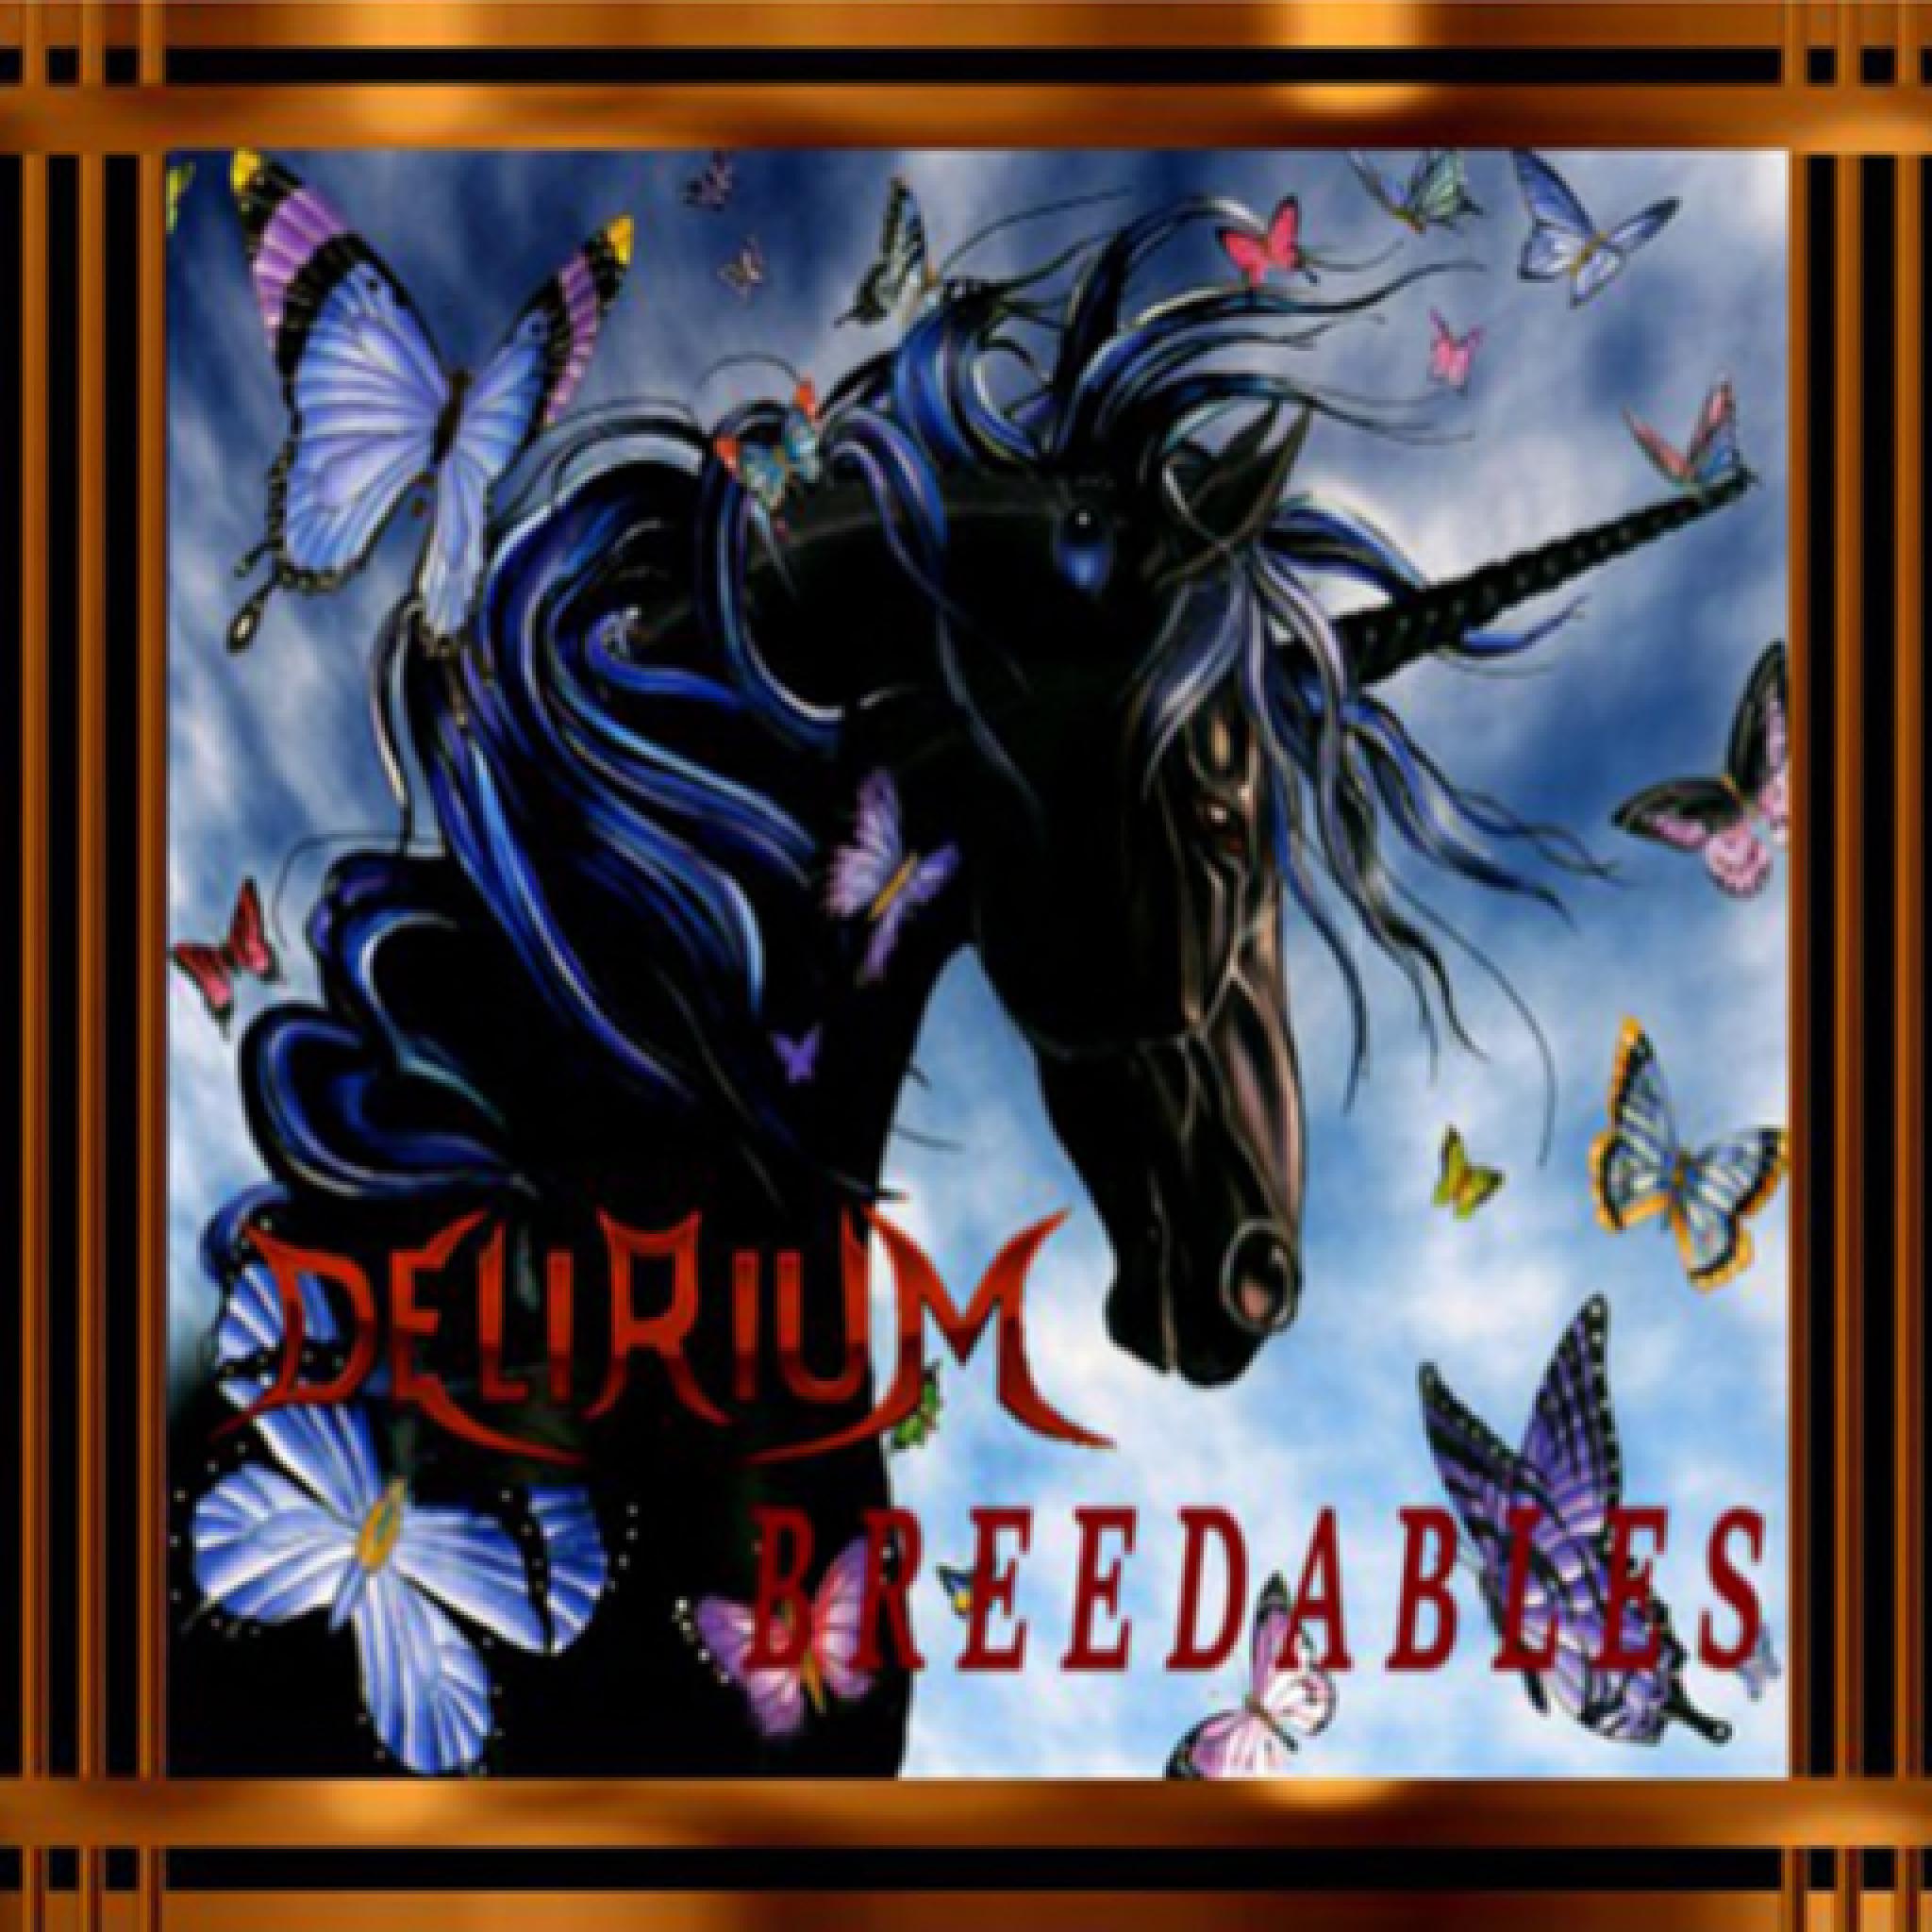 Delirium Breedables Main